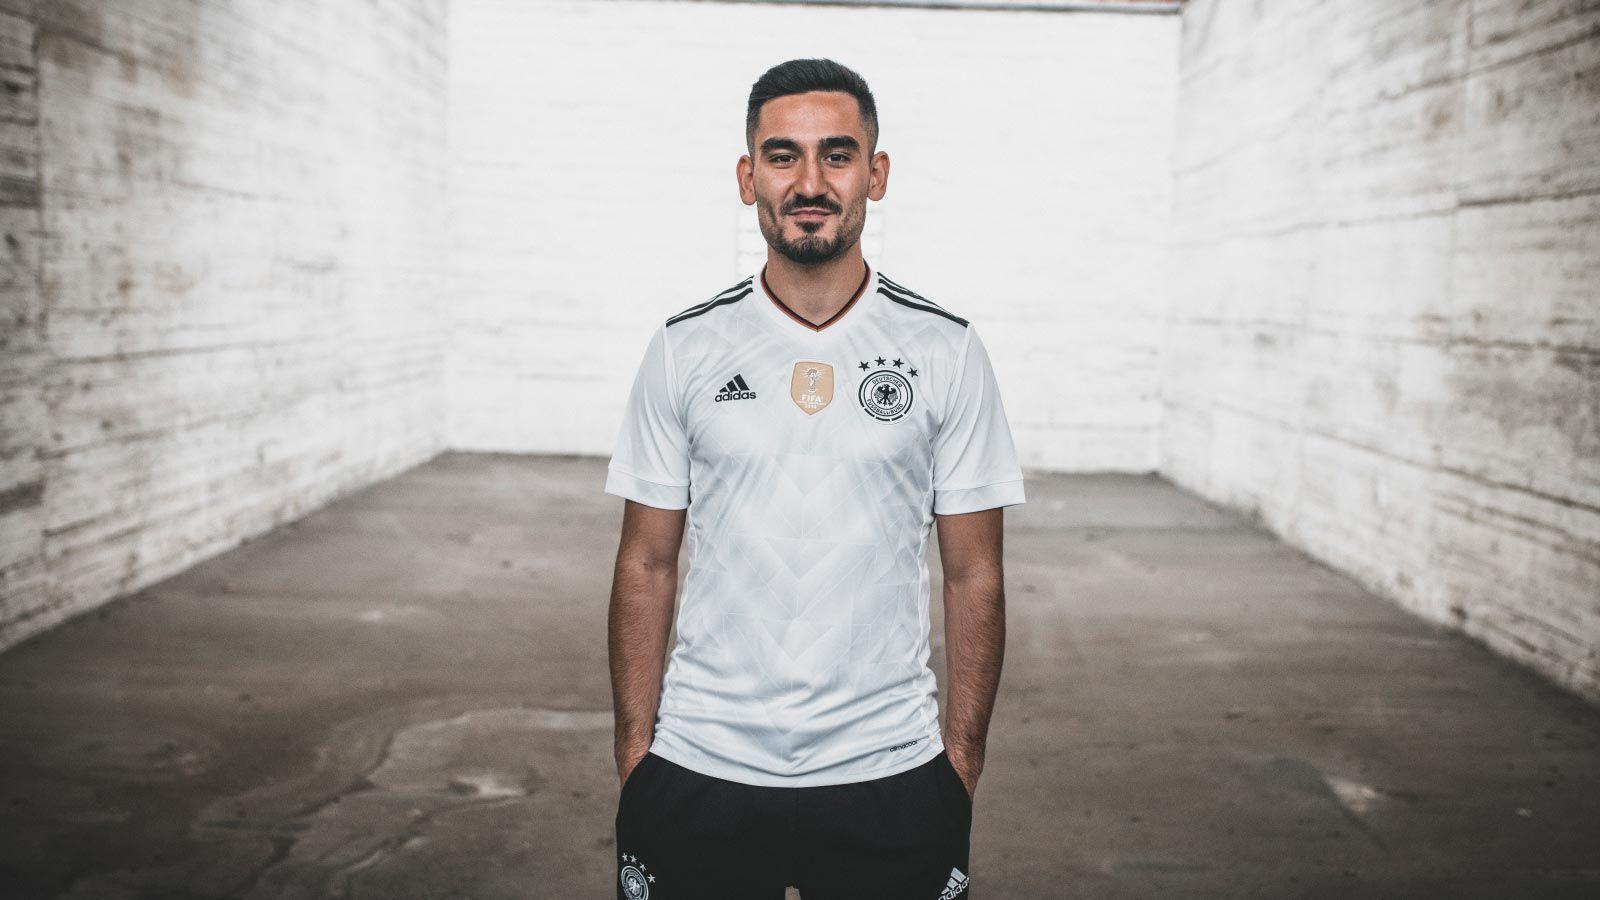 7a71a9815ebf9 Camisa da Alemanha 2017-2018 Adidas Copa das Confederações ...